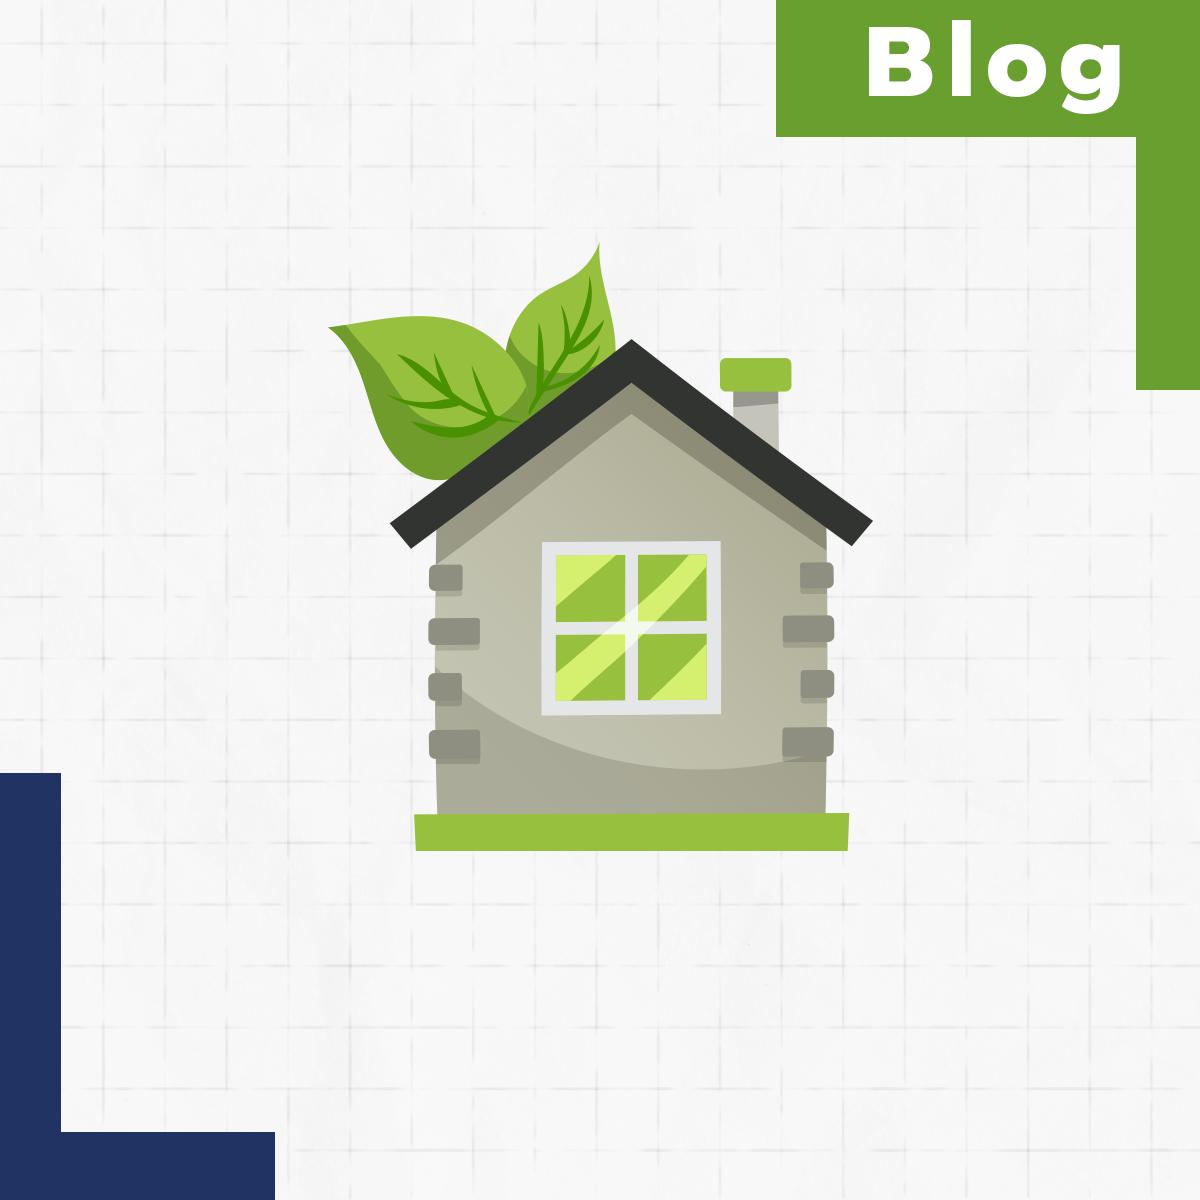 ¿Cómo hacer una casa sustentable?